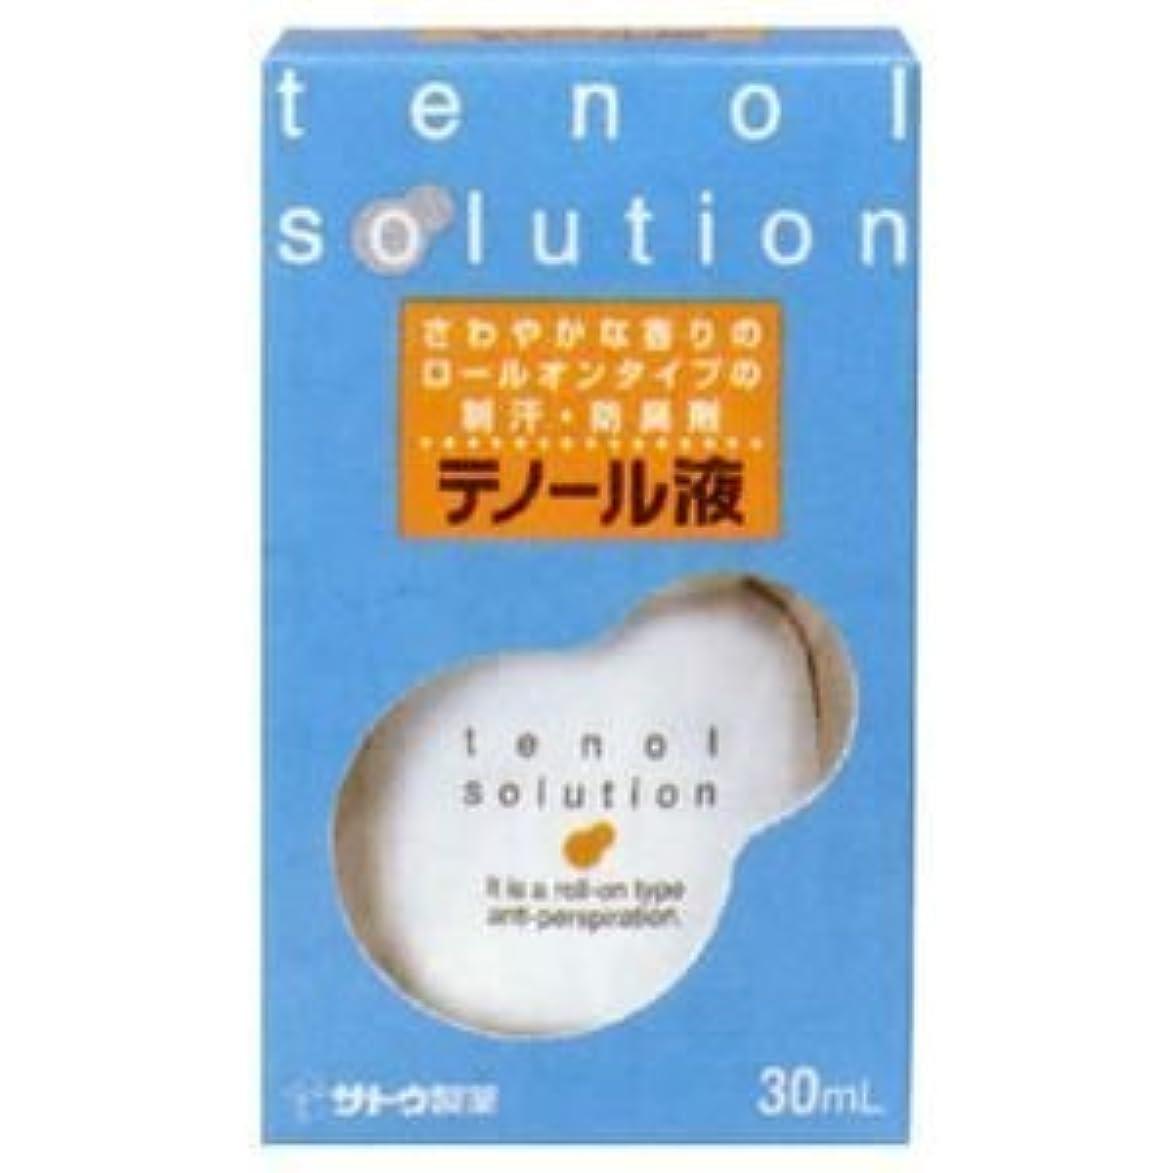 リハーサル処理する雄大な佐藤製薬 テノール液(30ml)×2